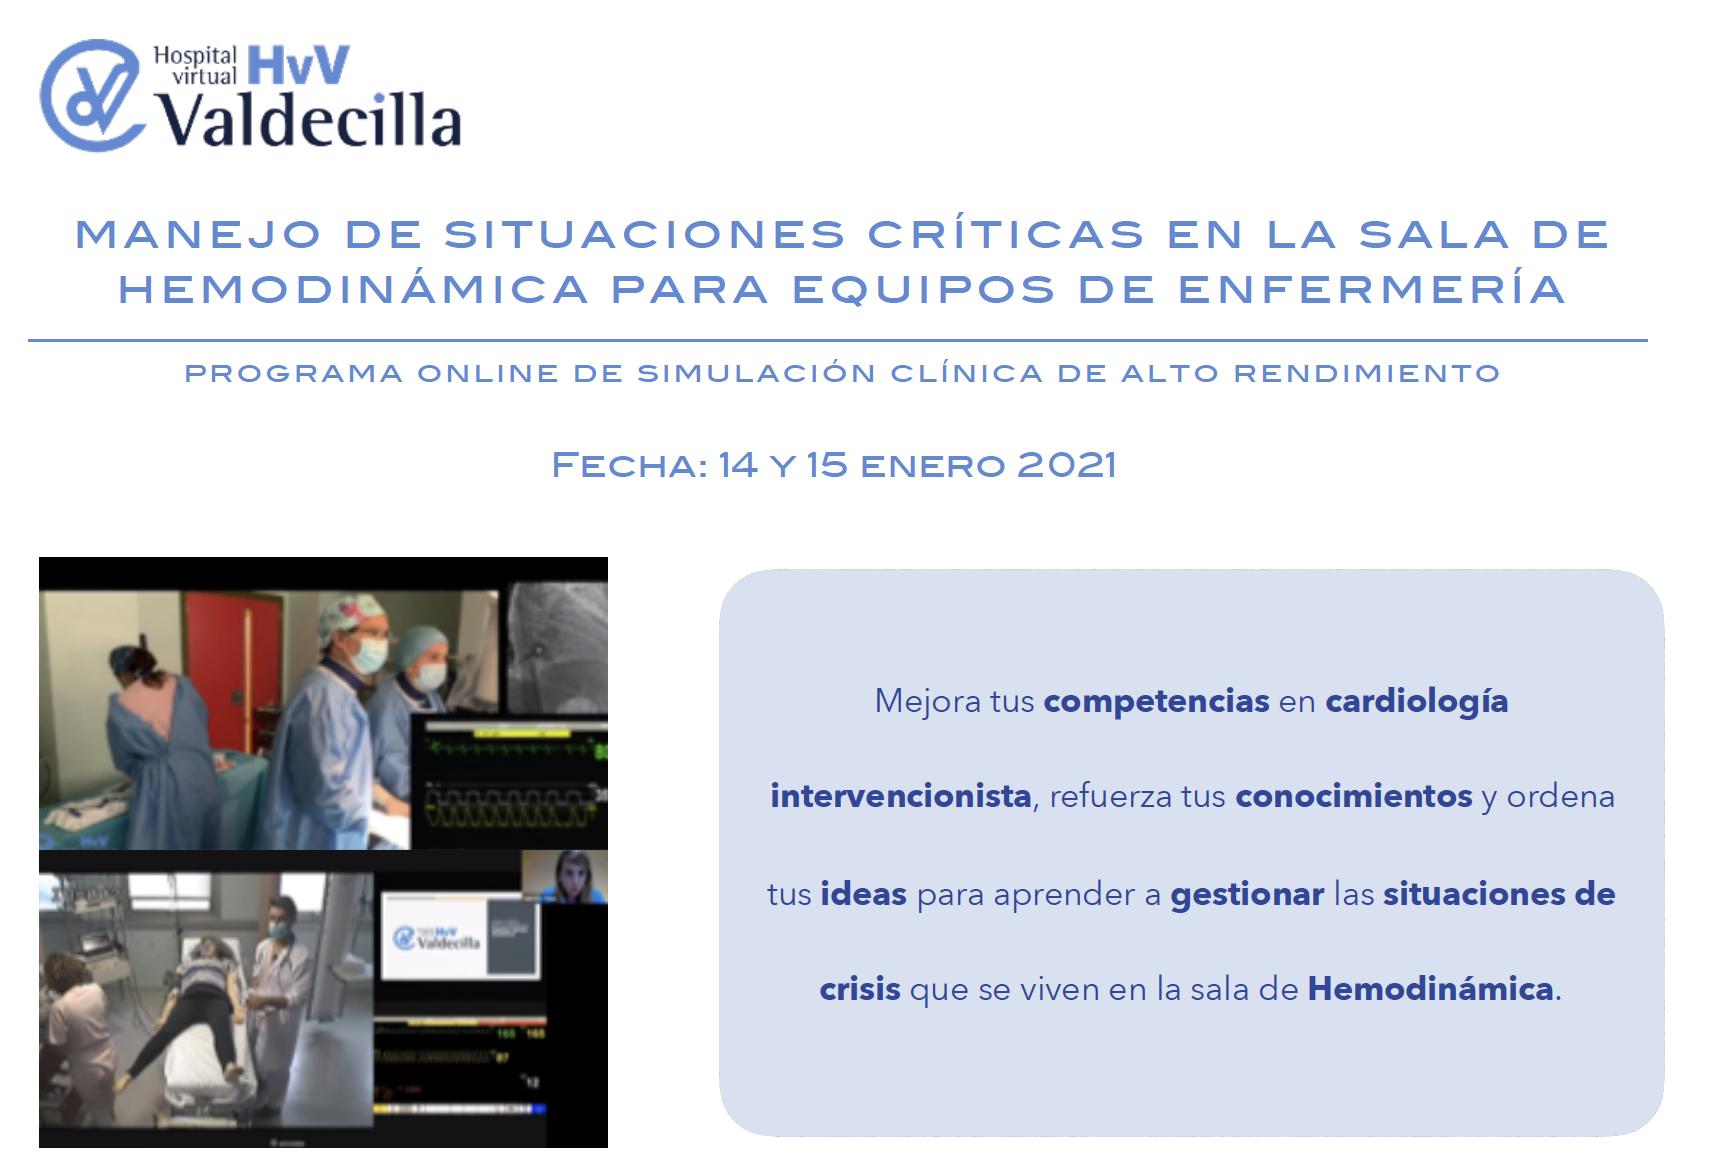 Manejo de situaciones críticas en la sala de hemodinámica para equipos de enfermería